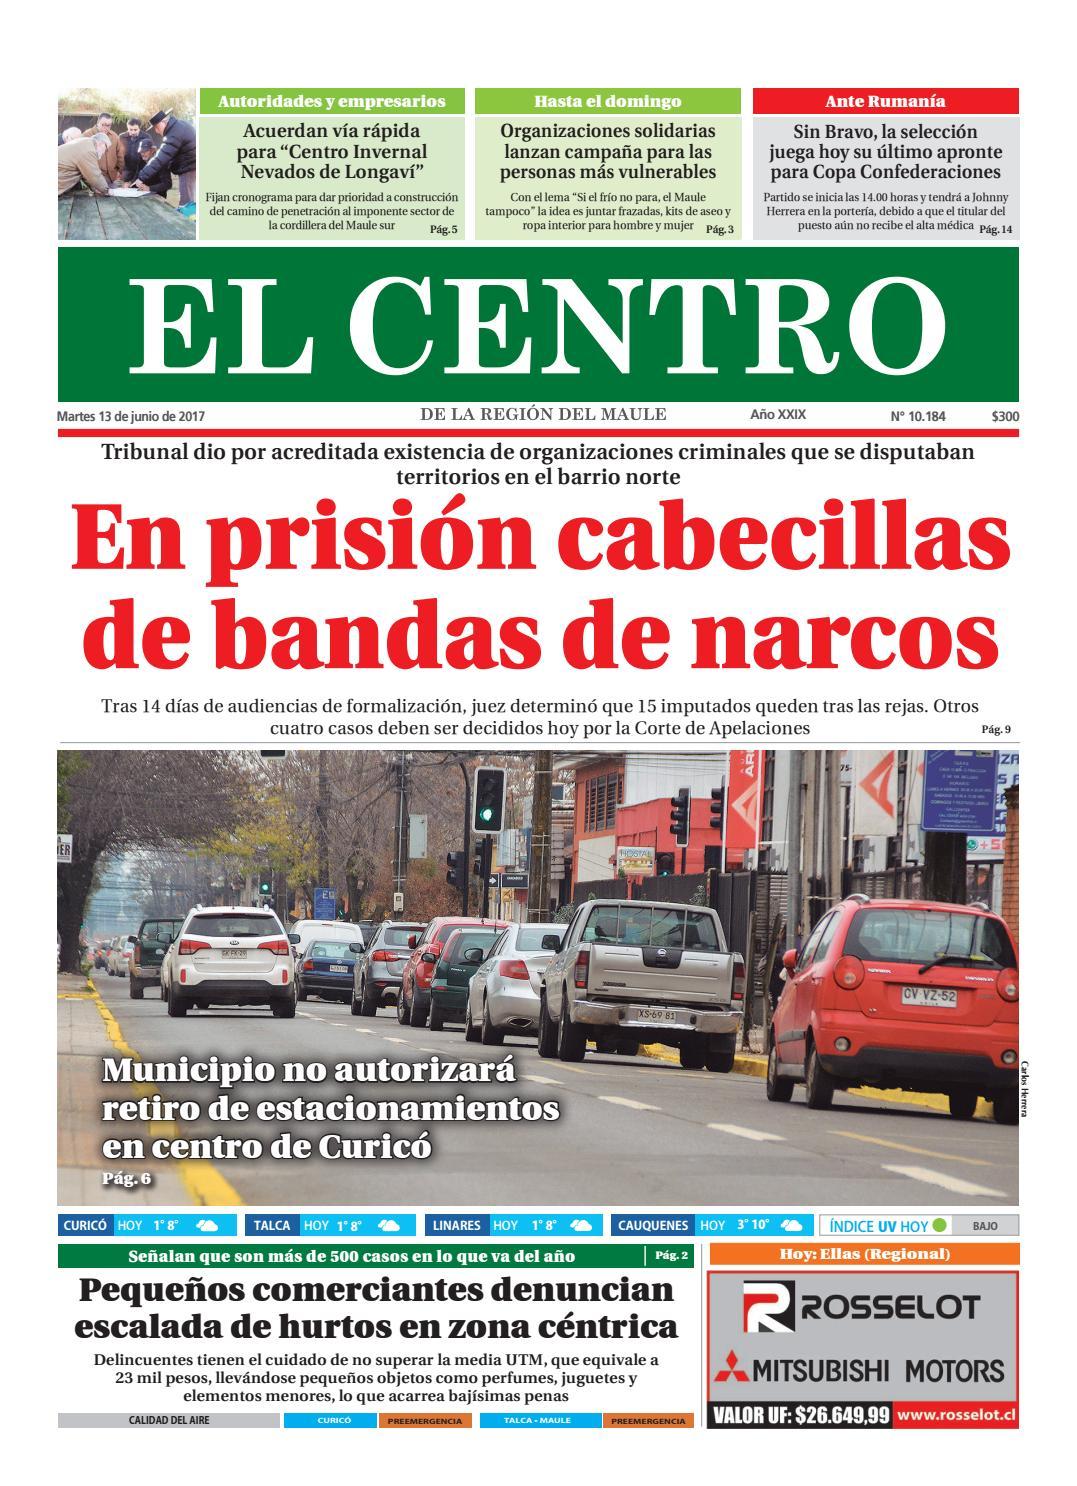 Diario 1306 2017 by Diario El Centro S.A - issuu